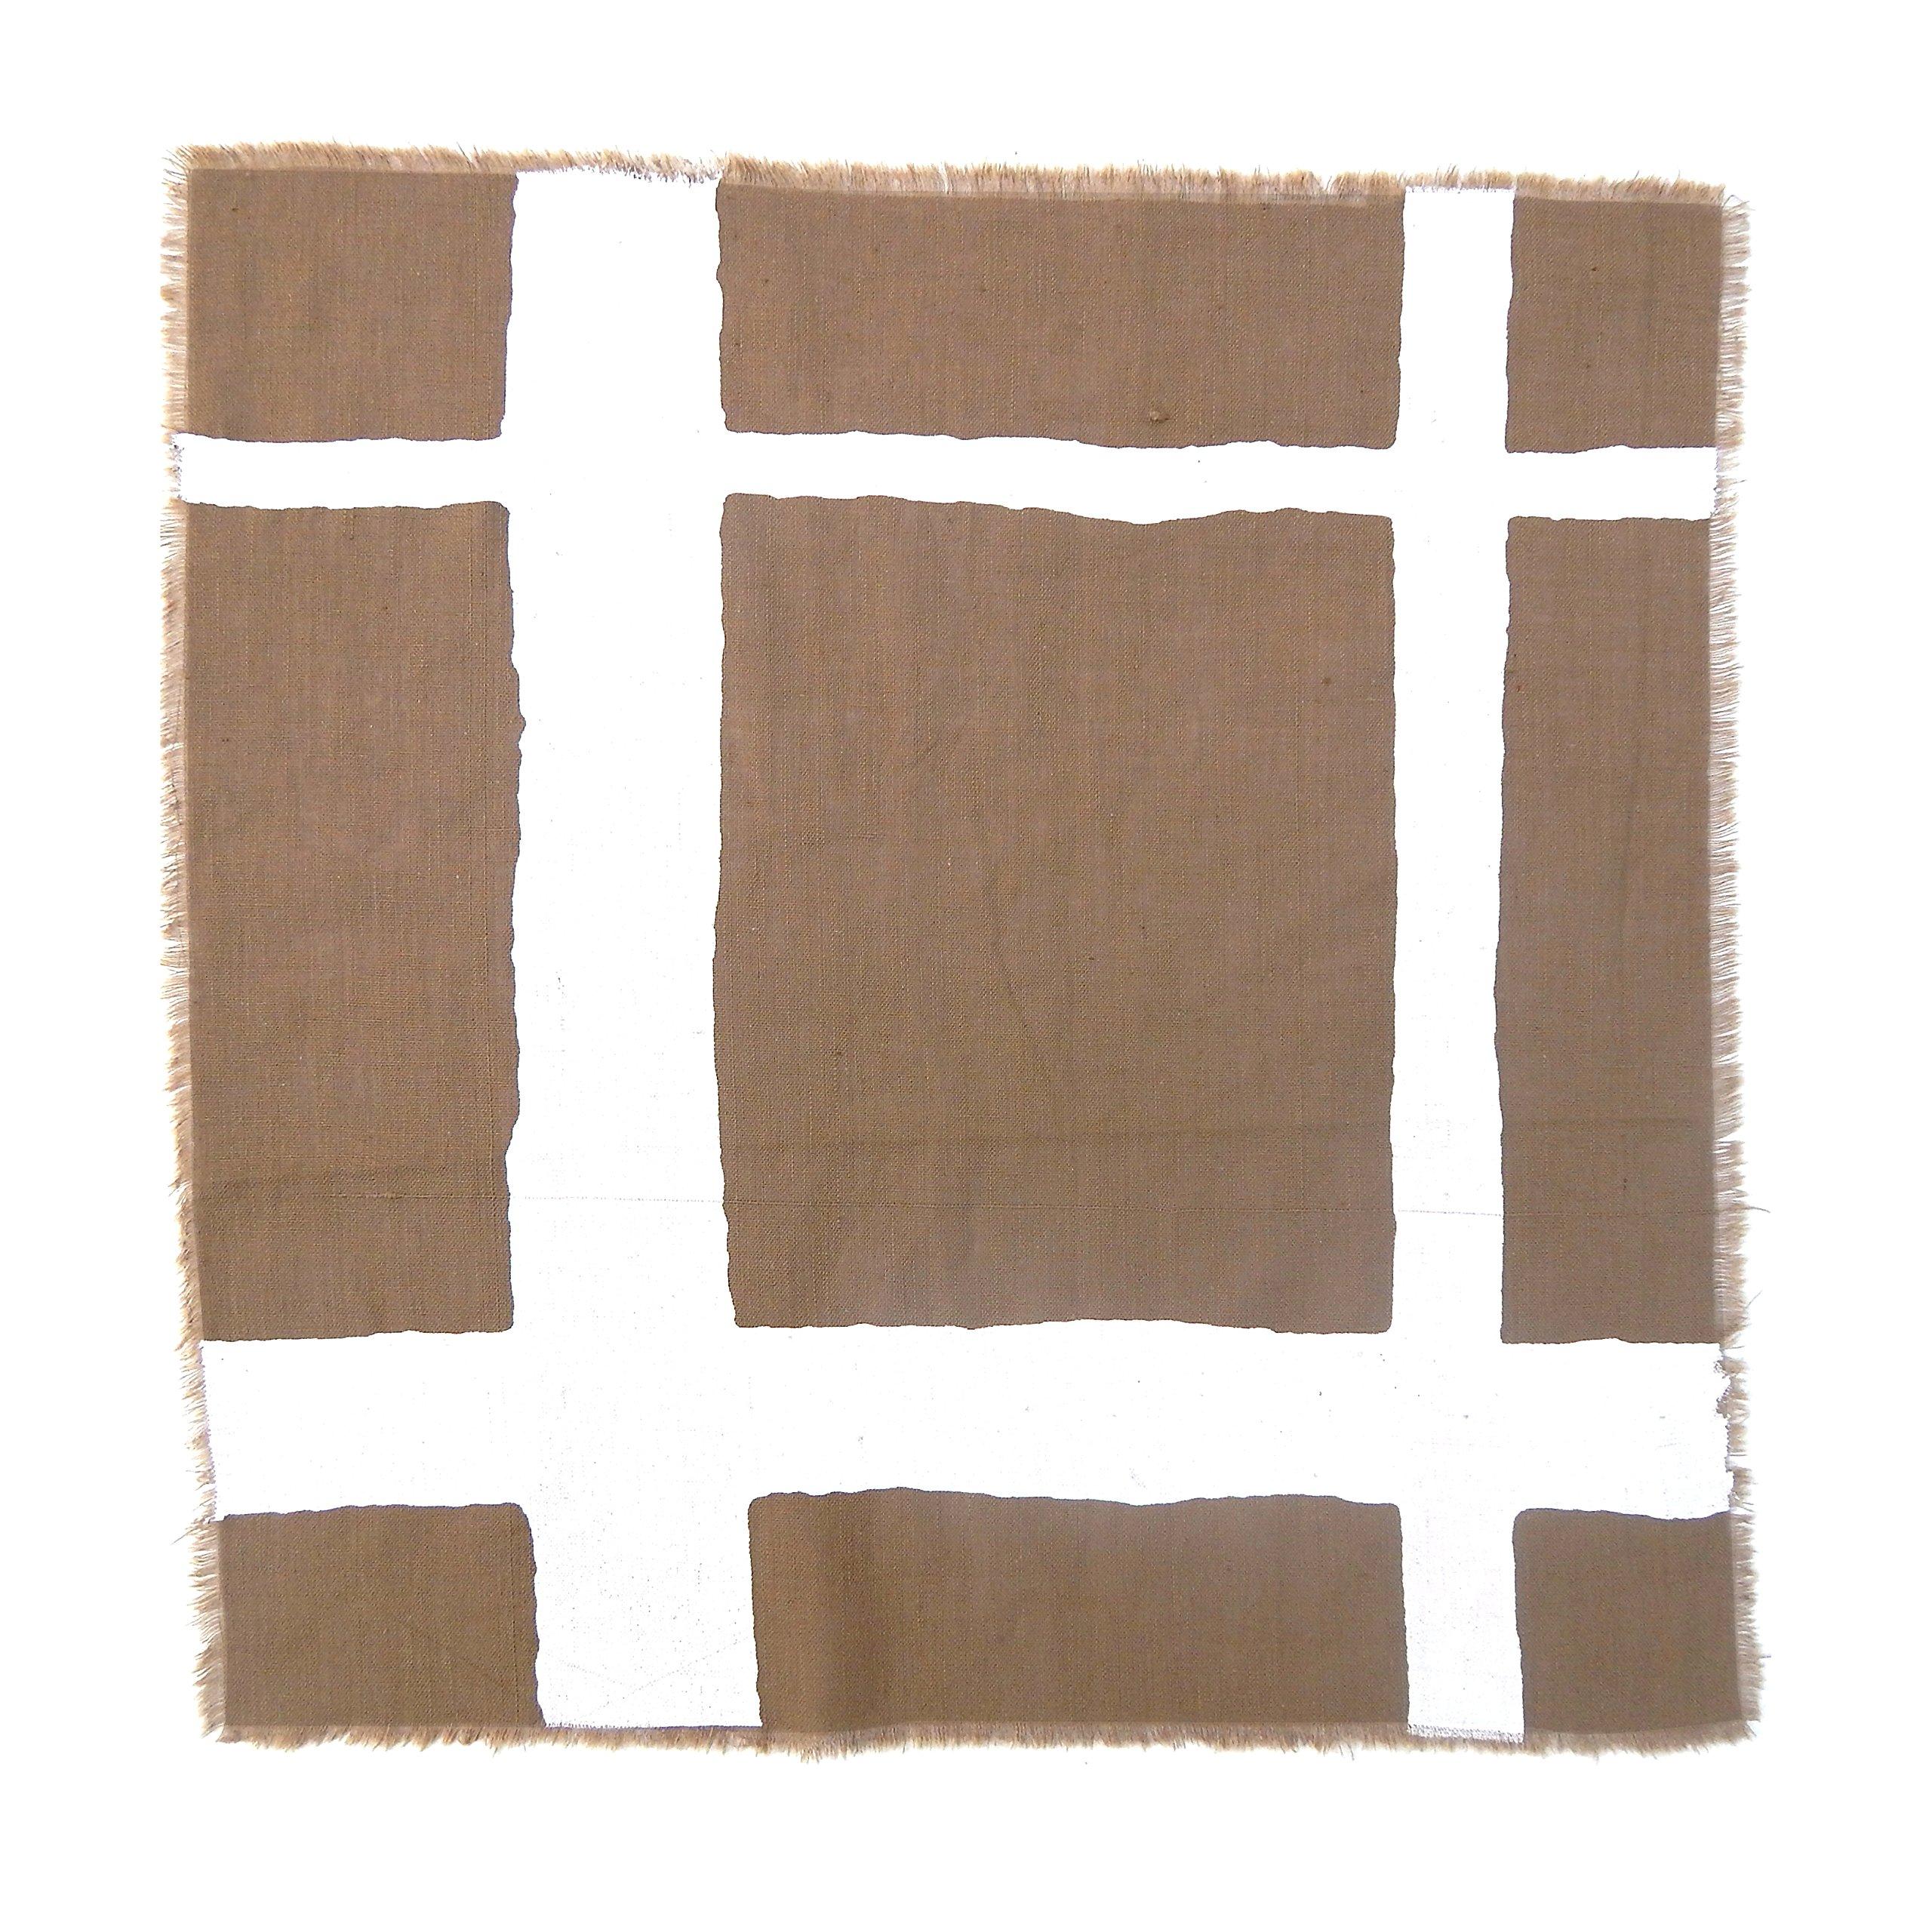 Gitika Goyal Home Windows Collection Cotton Khadi  Khaki Napkin 17x17 Checks Design, White Hand Screen Print